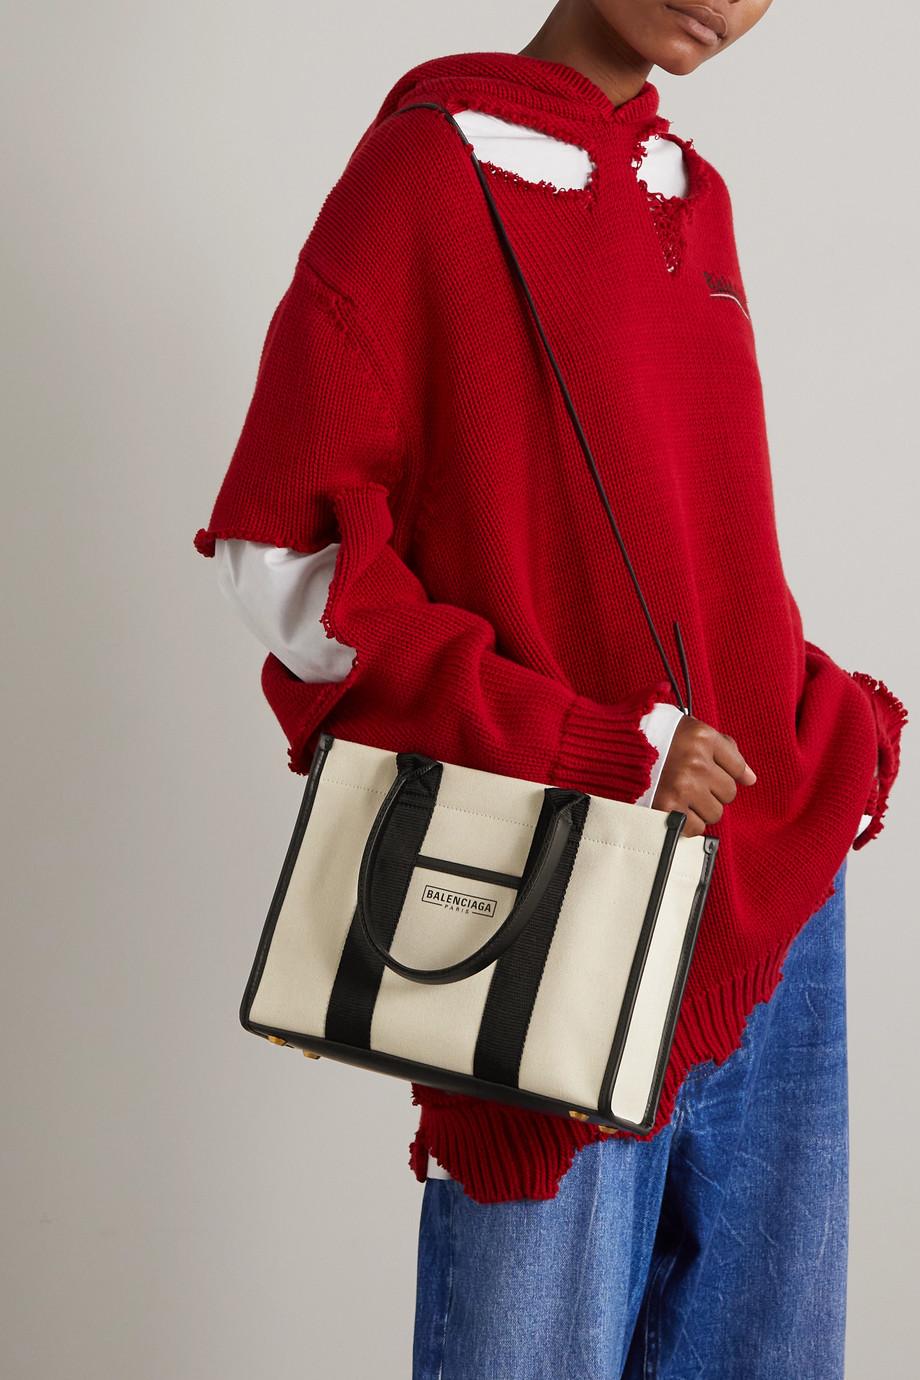 Balenciaga Sac à main en toile de coton biologique imprimée à finitions en cuir Neo Navy Small